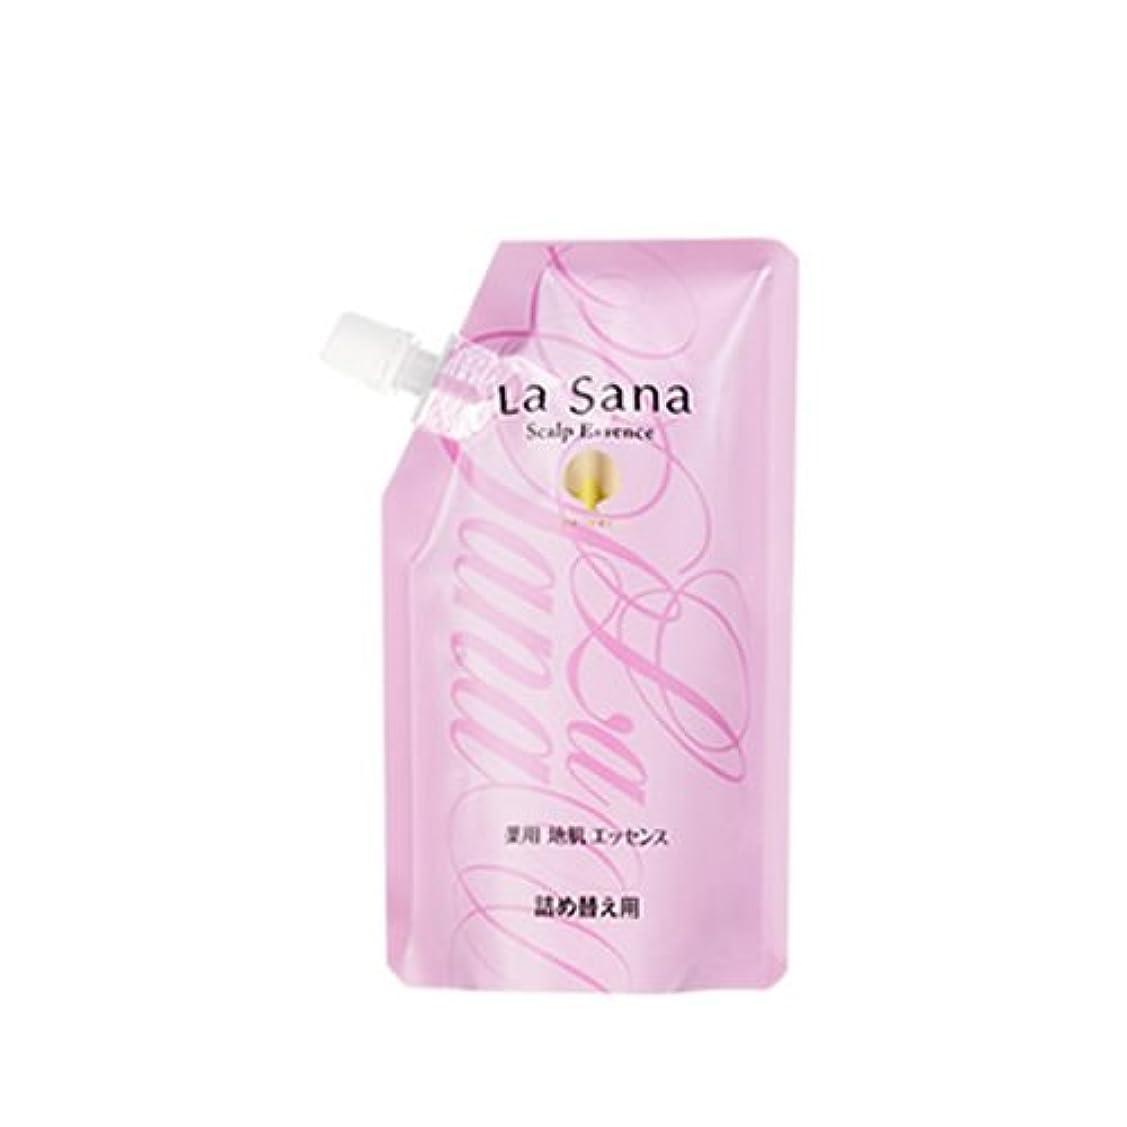 吸うゴミ箱を空にする批判ラサーナ 薬用 地肌 エッセンス 詰め替え用 (育毛剤) 150ml